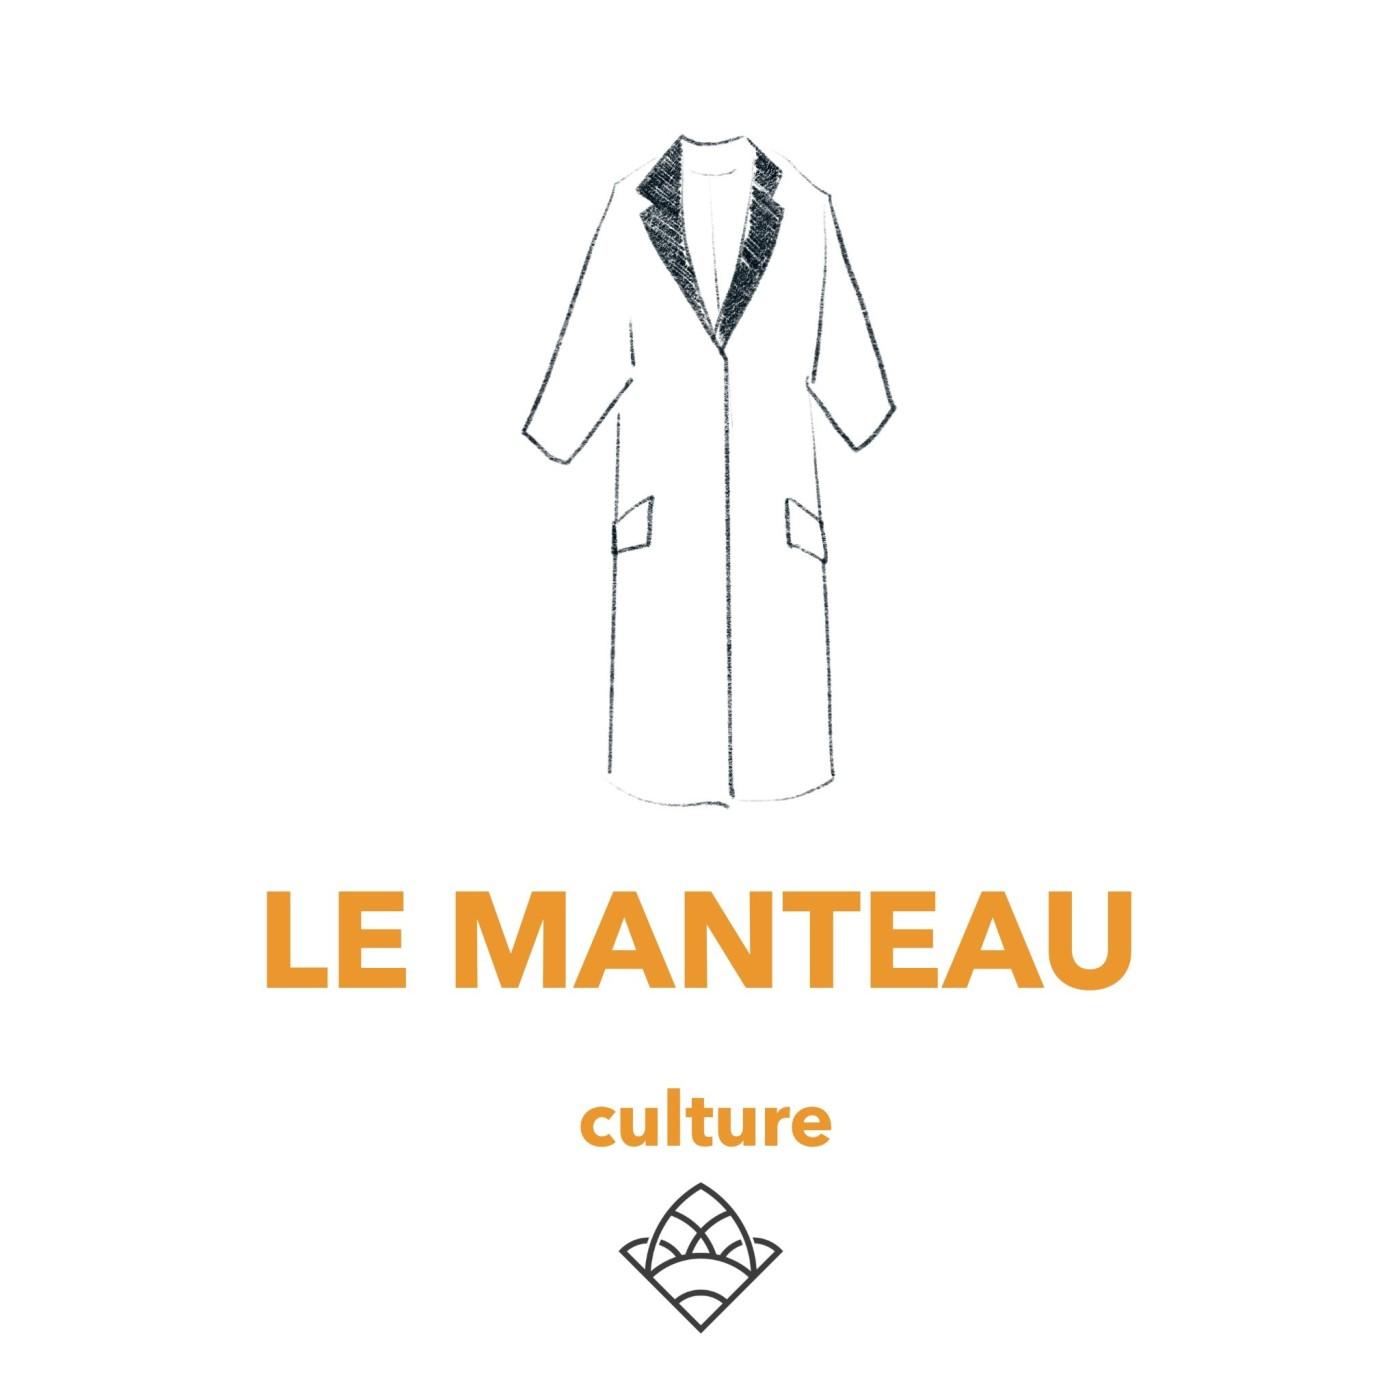 (culture 22) Le manteau